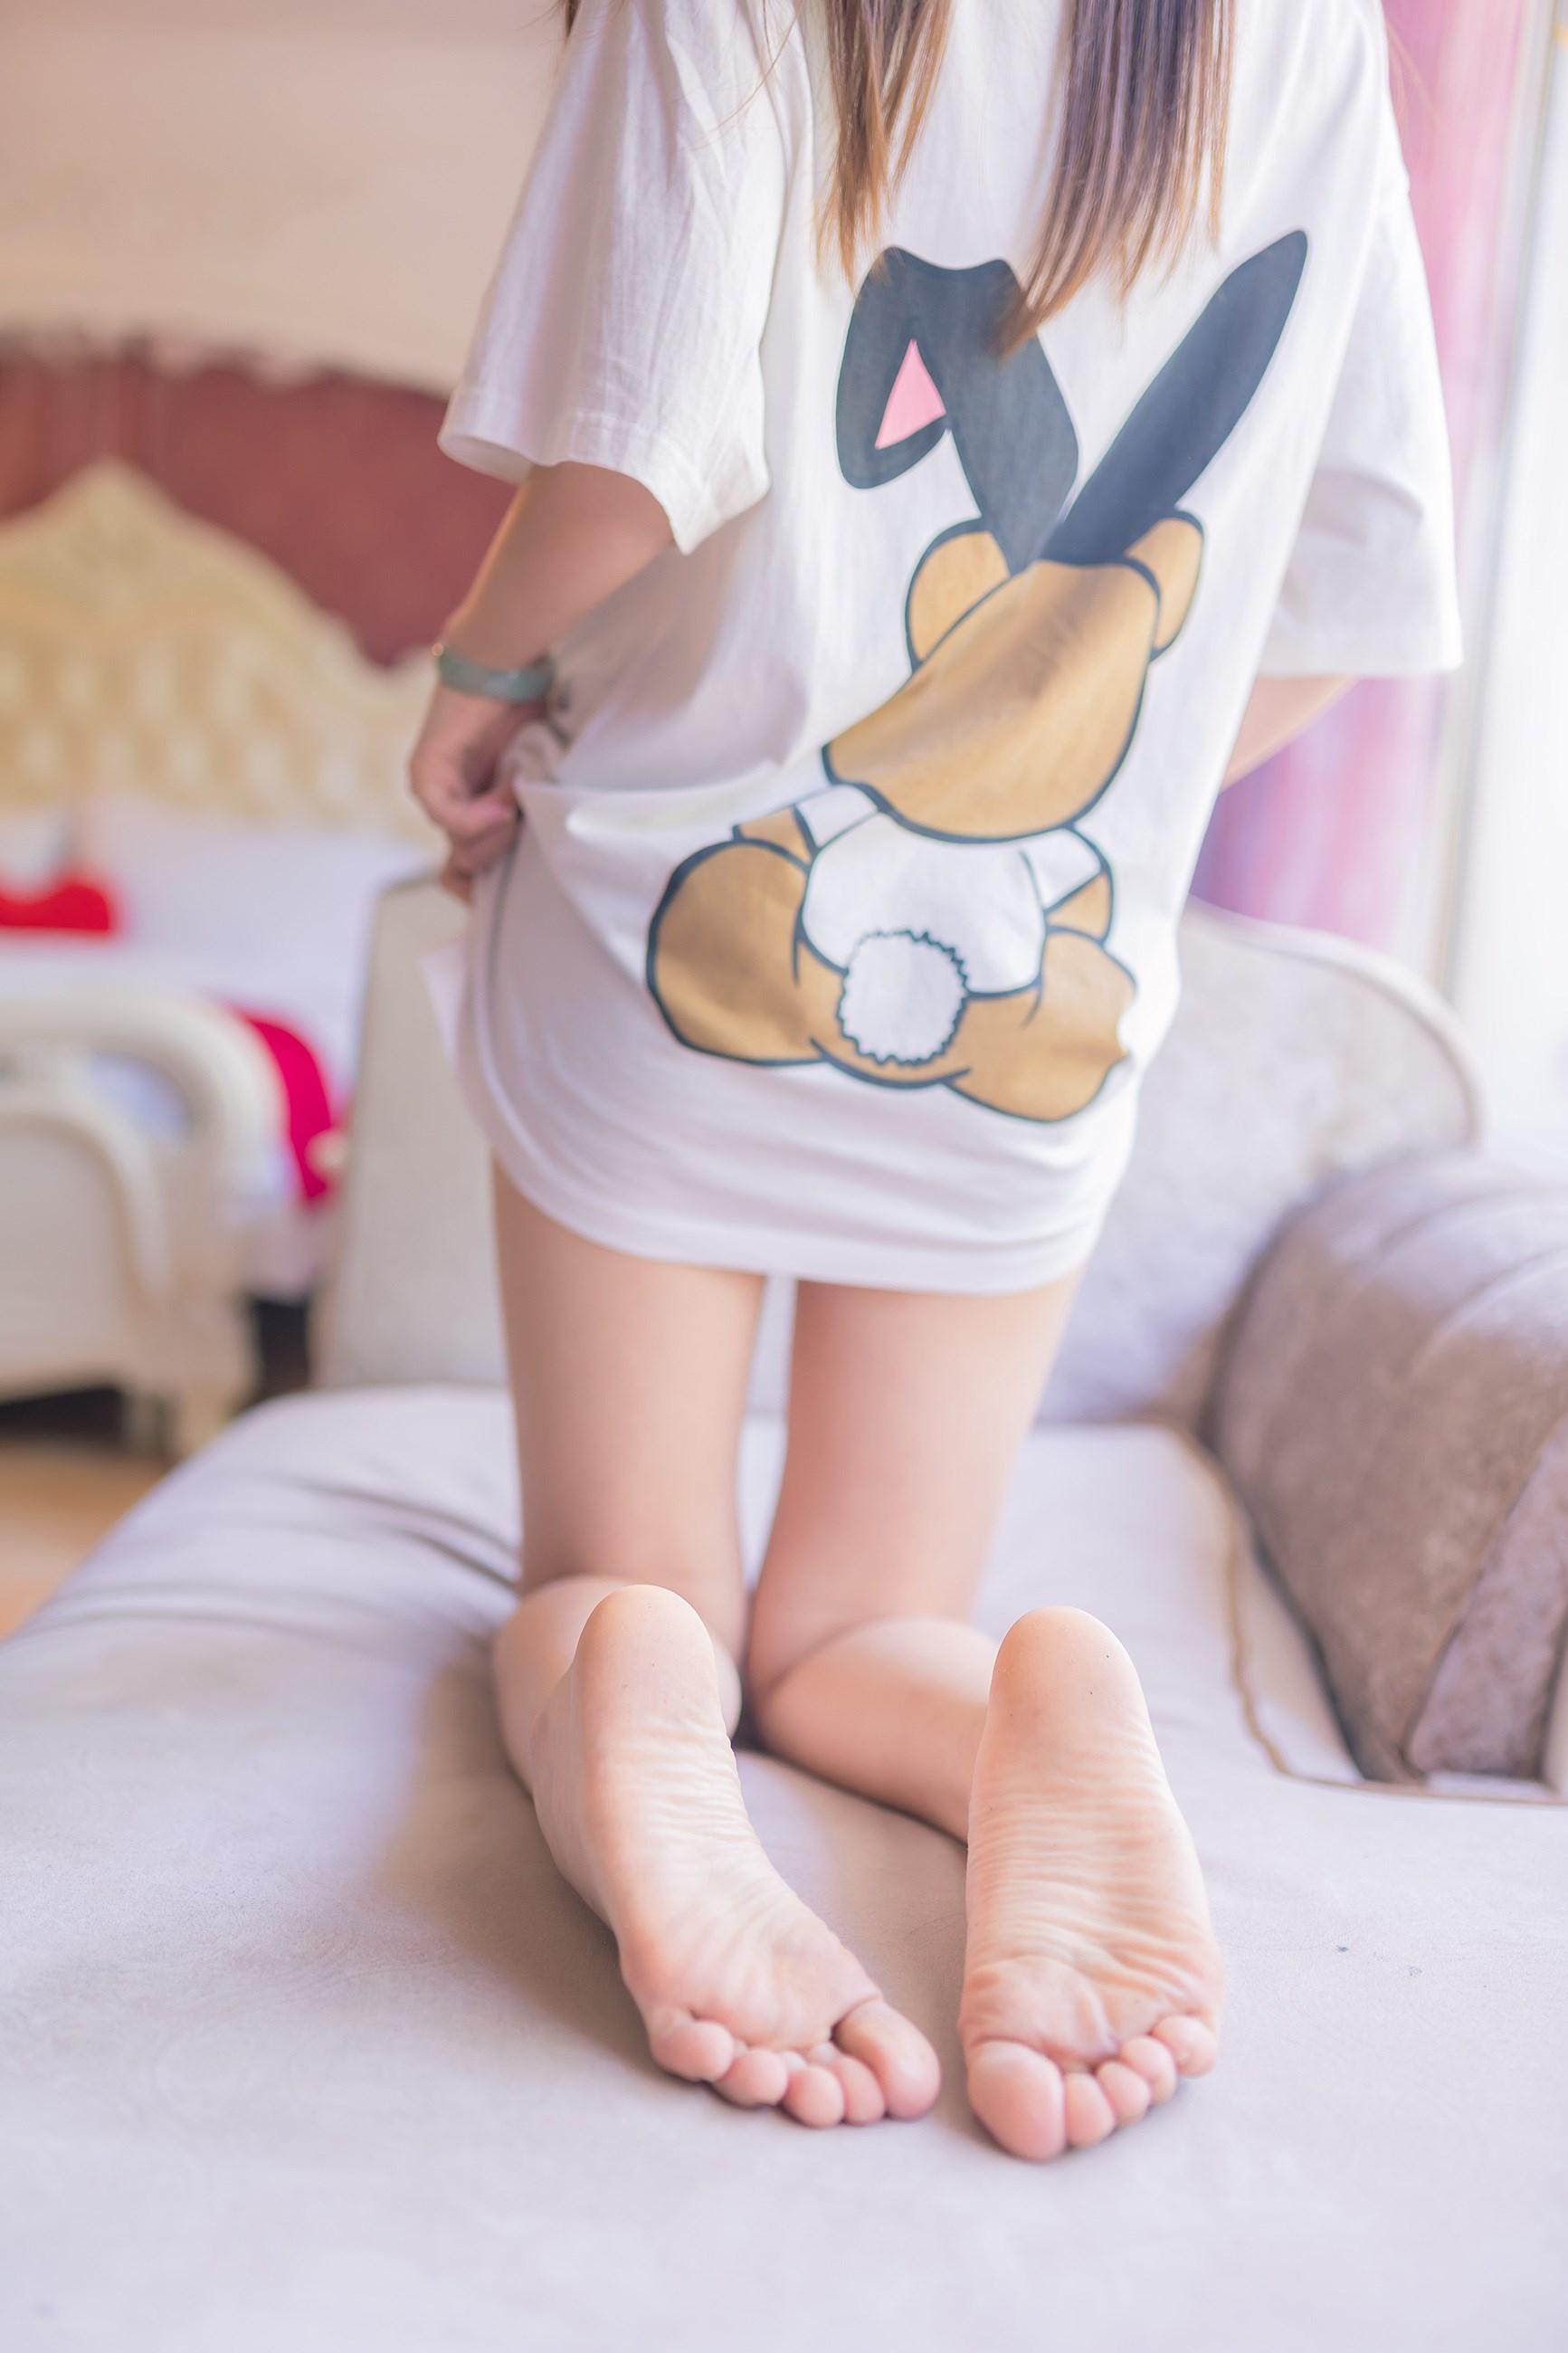 【兔玩映画】小熊睡衣 兔玩映画 第5张